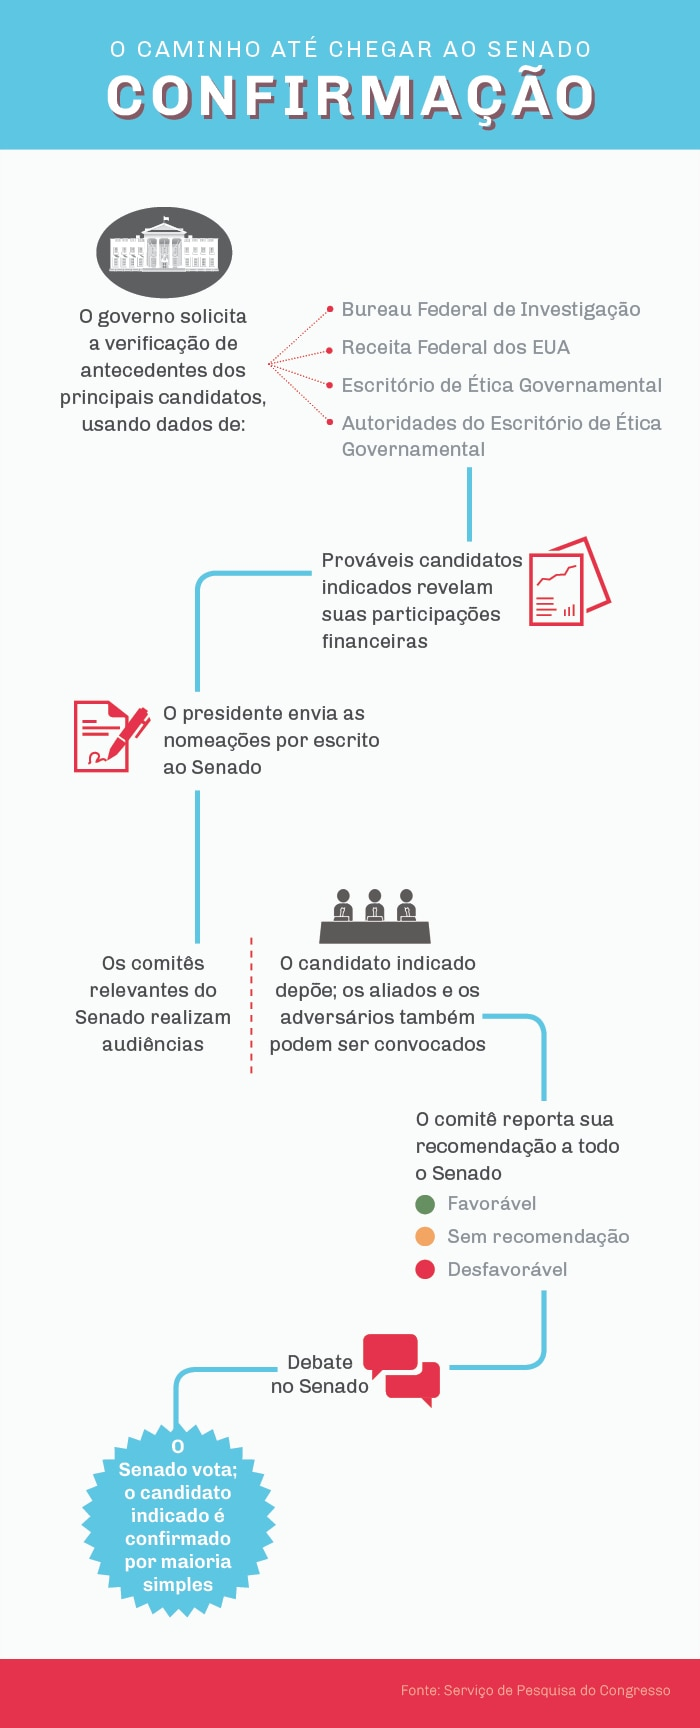 Infográfico das etapas para a confirmação do Senado: verificação de antecedentes, divulgação financeira, cartas de indicação, audiências da comissão do Senado, debates e votação no Senado (Depto. de Estado/Julia Maruszewski)